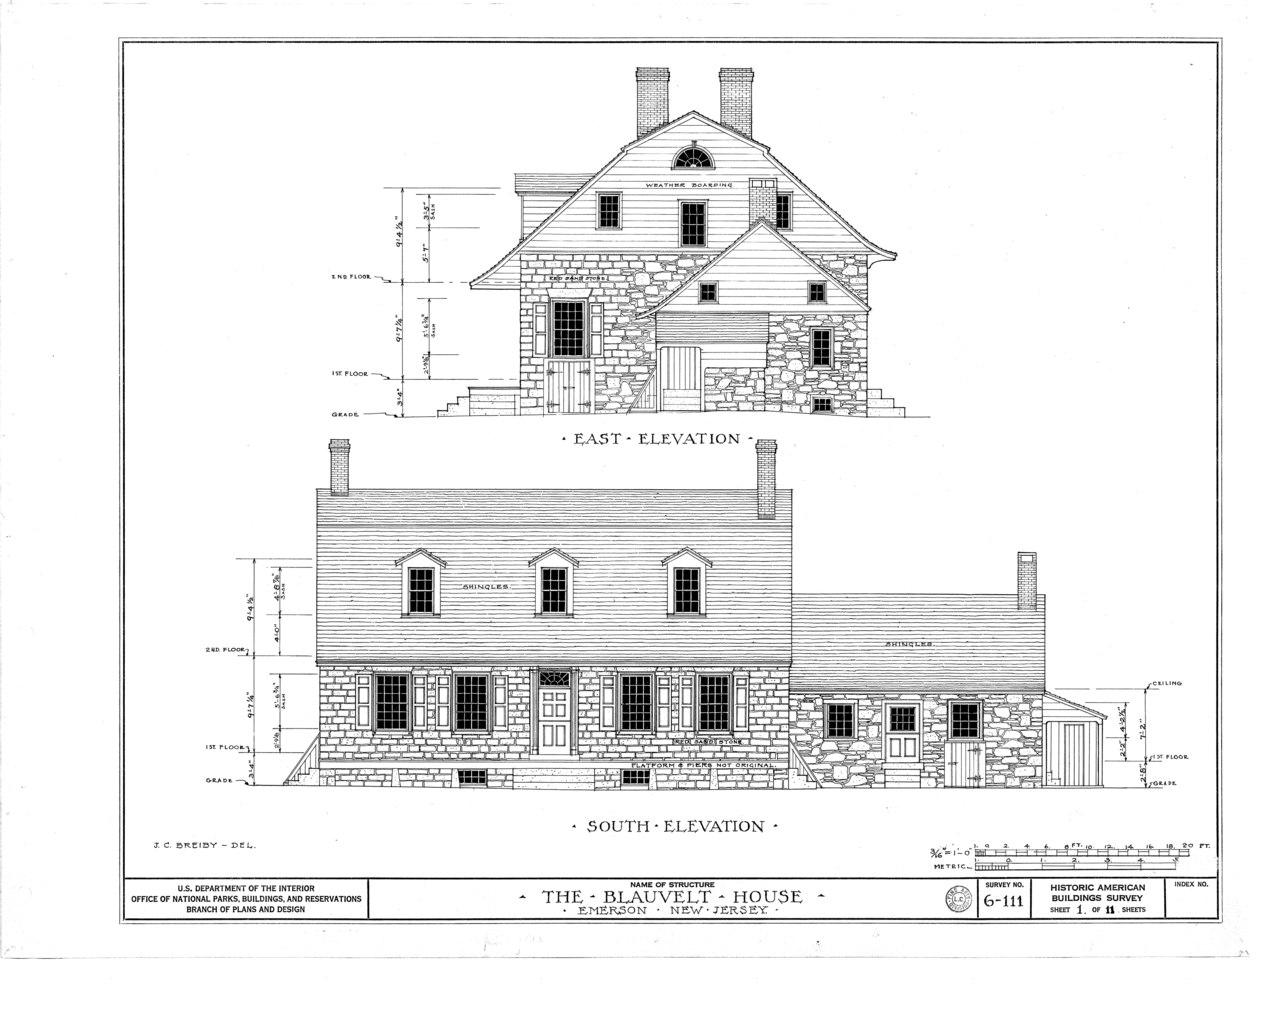 File Blauvelt House Old Hook Road Emerson Bergen County Nj Habs Nj 2 Emso 1 Sheet 1 Of 11